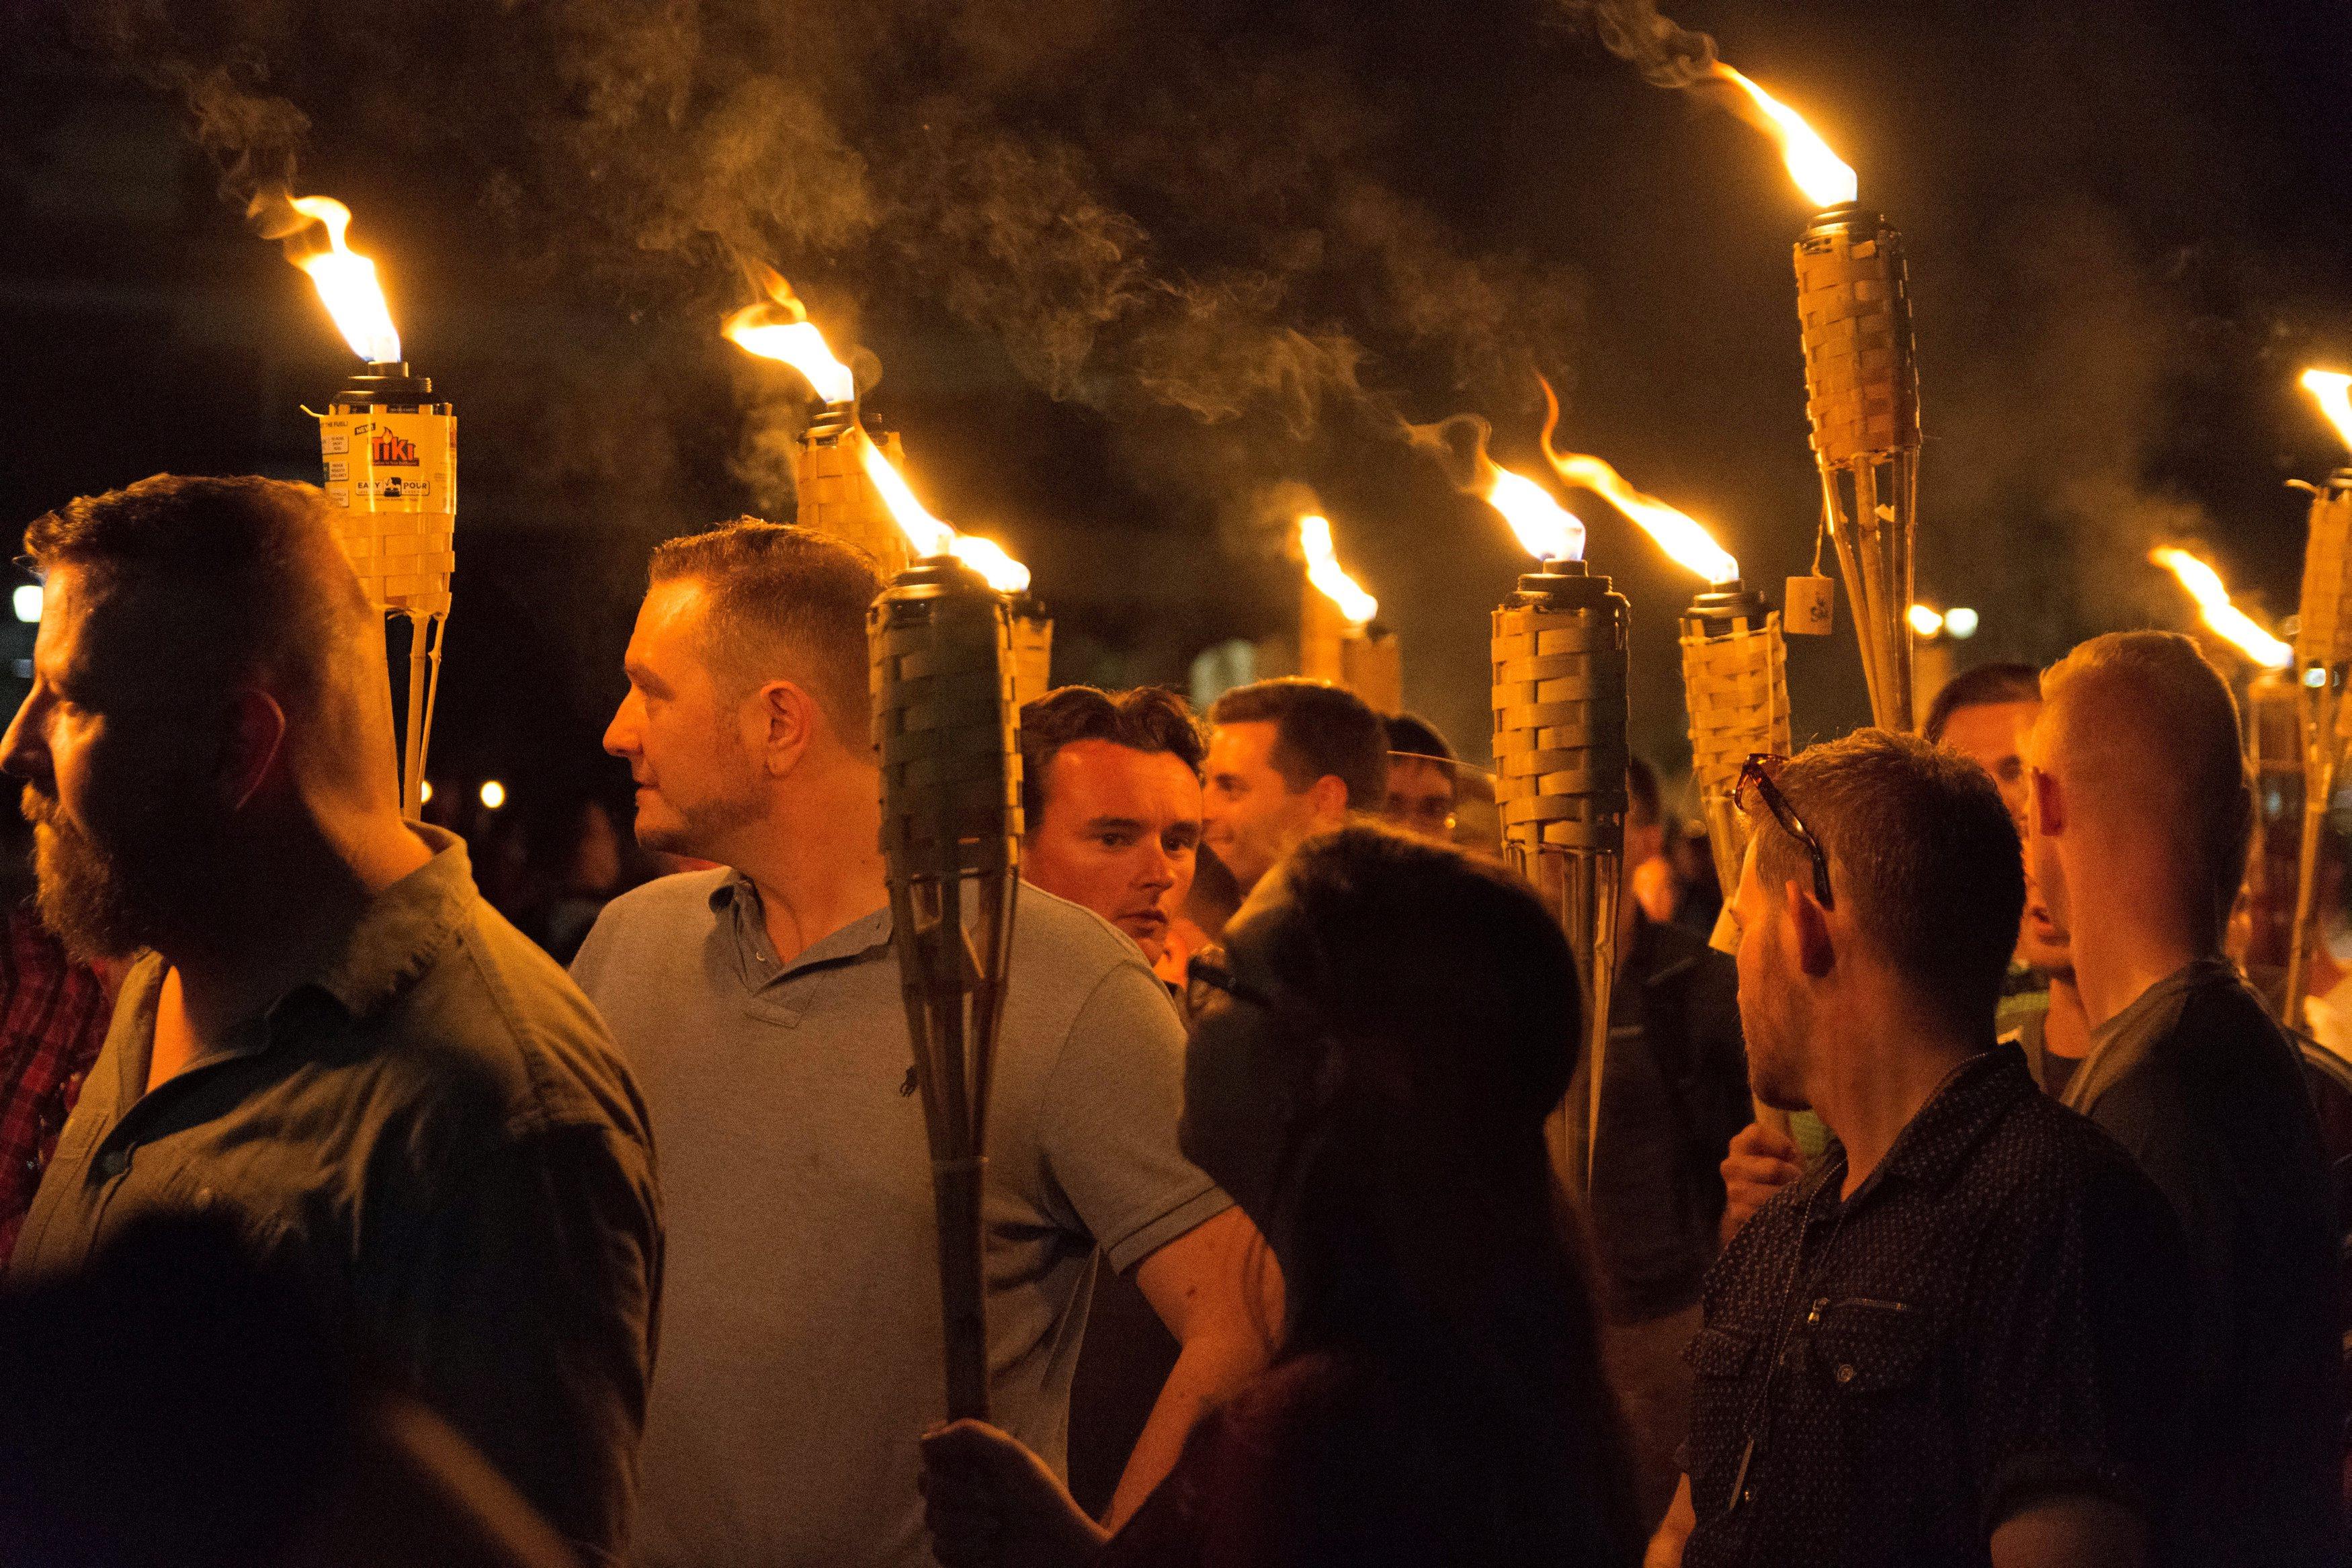 2017-08-12T050350Z_274954310_RC1DE6661DD0_RTRMADP_3_VIRGINIA-PROTESTS